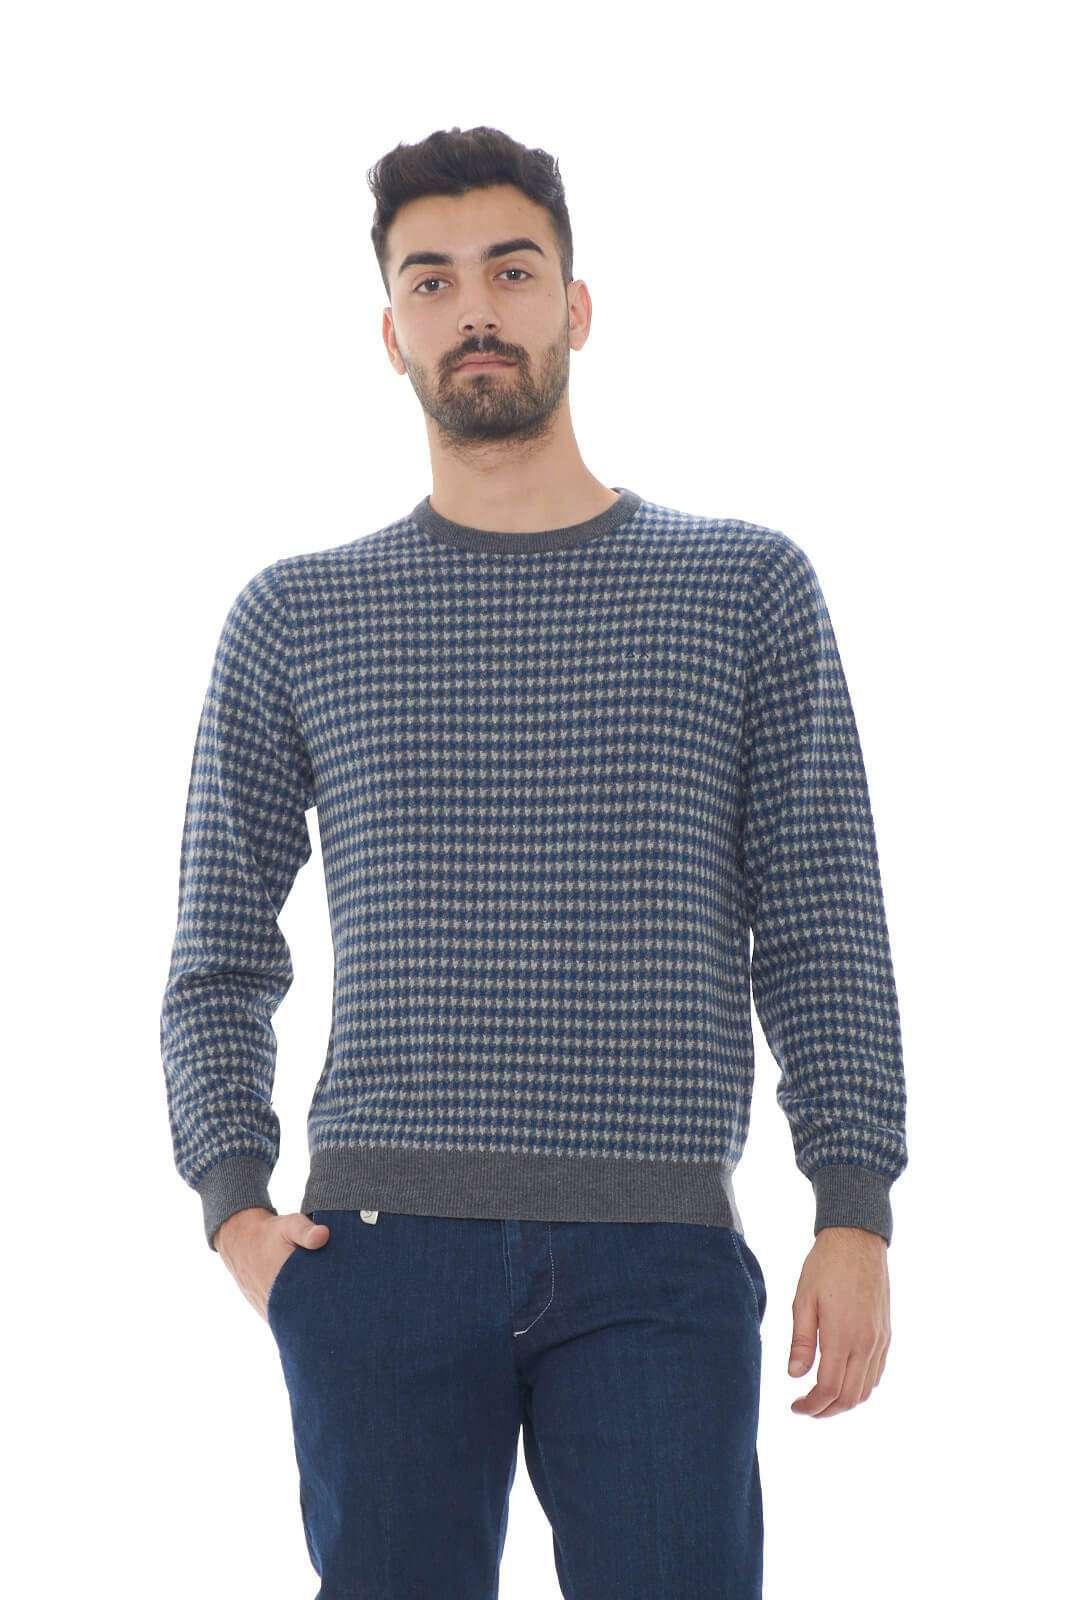 Semplicità e cura per i dettagli, tutto racchiuso in questo caldo e comodo maglioncino in misto lana firmato Sun68. Perfetto per outfit che non vogliono strafare, ma che non rinunciano nemmeno a stile e cura. Per l'uomo che ama uno stile semplice.  Il modello è alto 1.80m e indossa la taglia M.